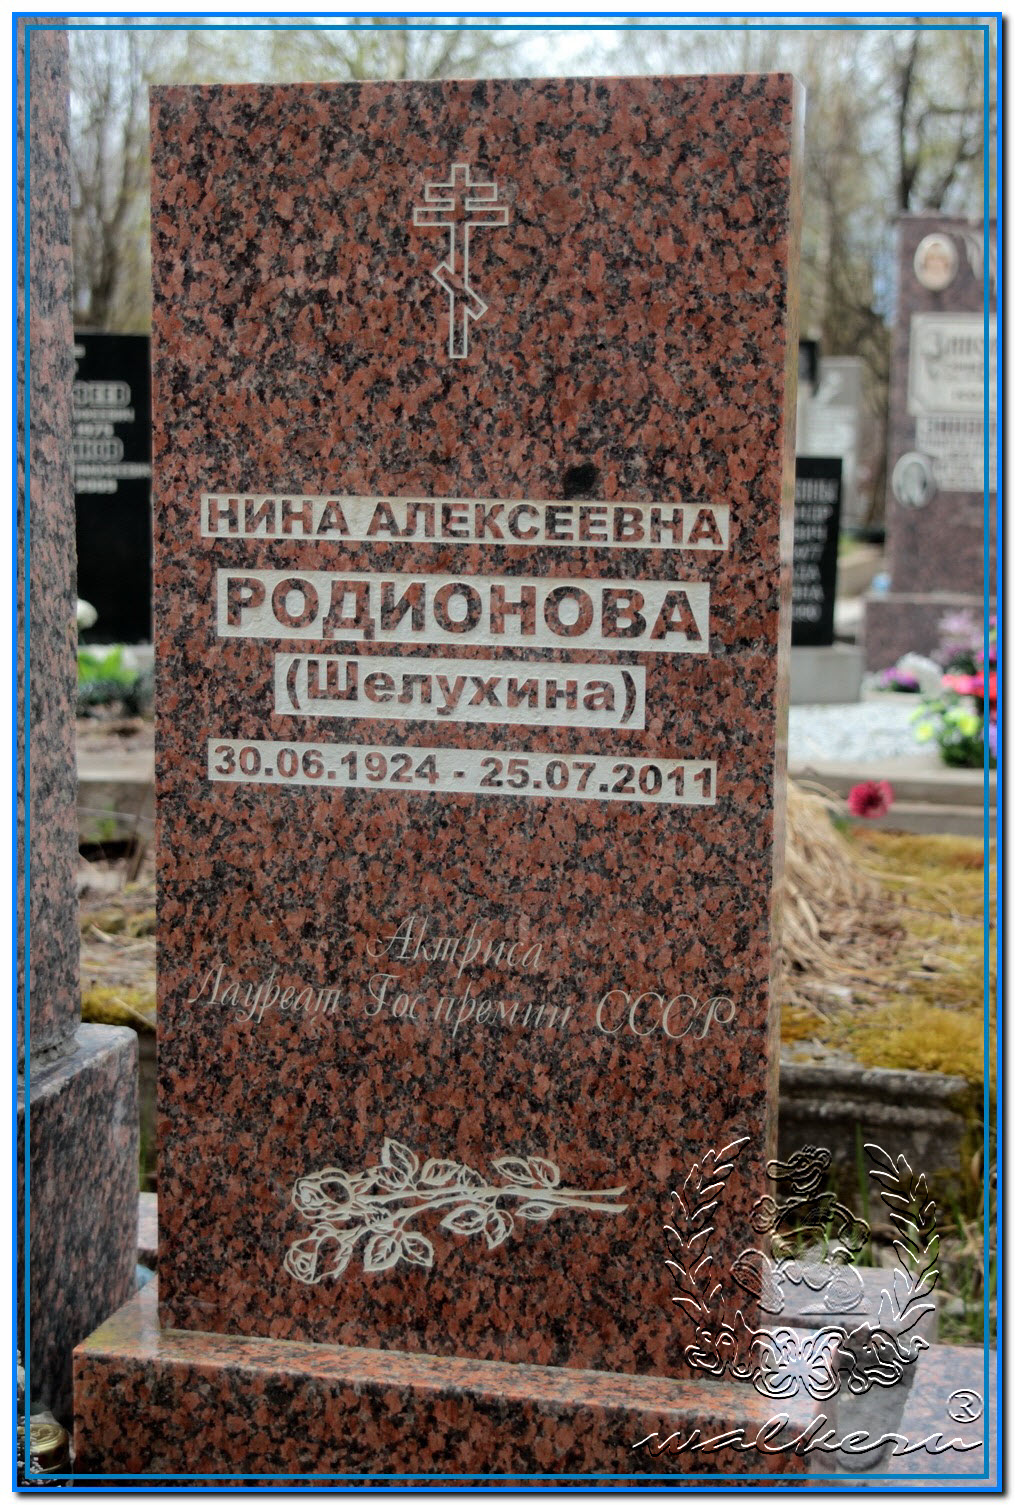 Родионова Нина Алексеевна